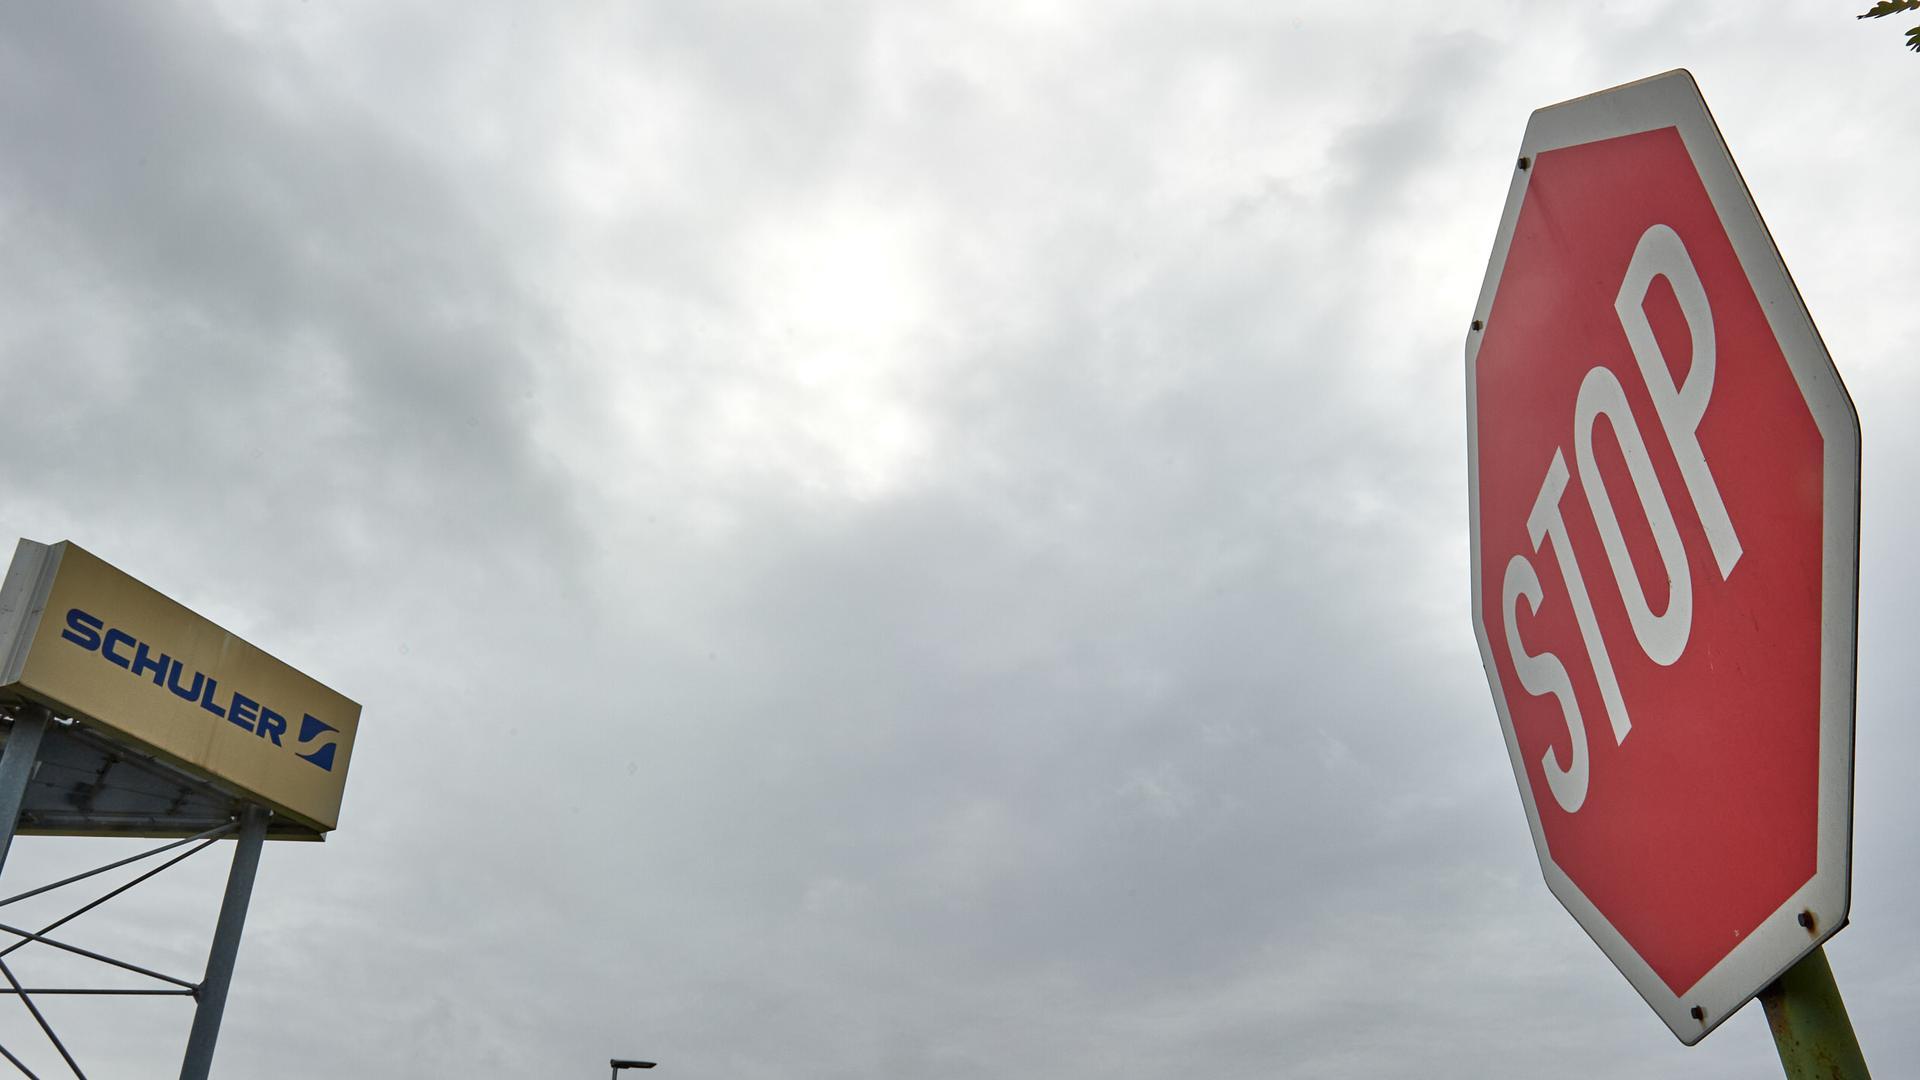 Firmenschild von Schuler Waghäusel mit Stopp-Schild